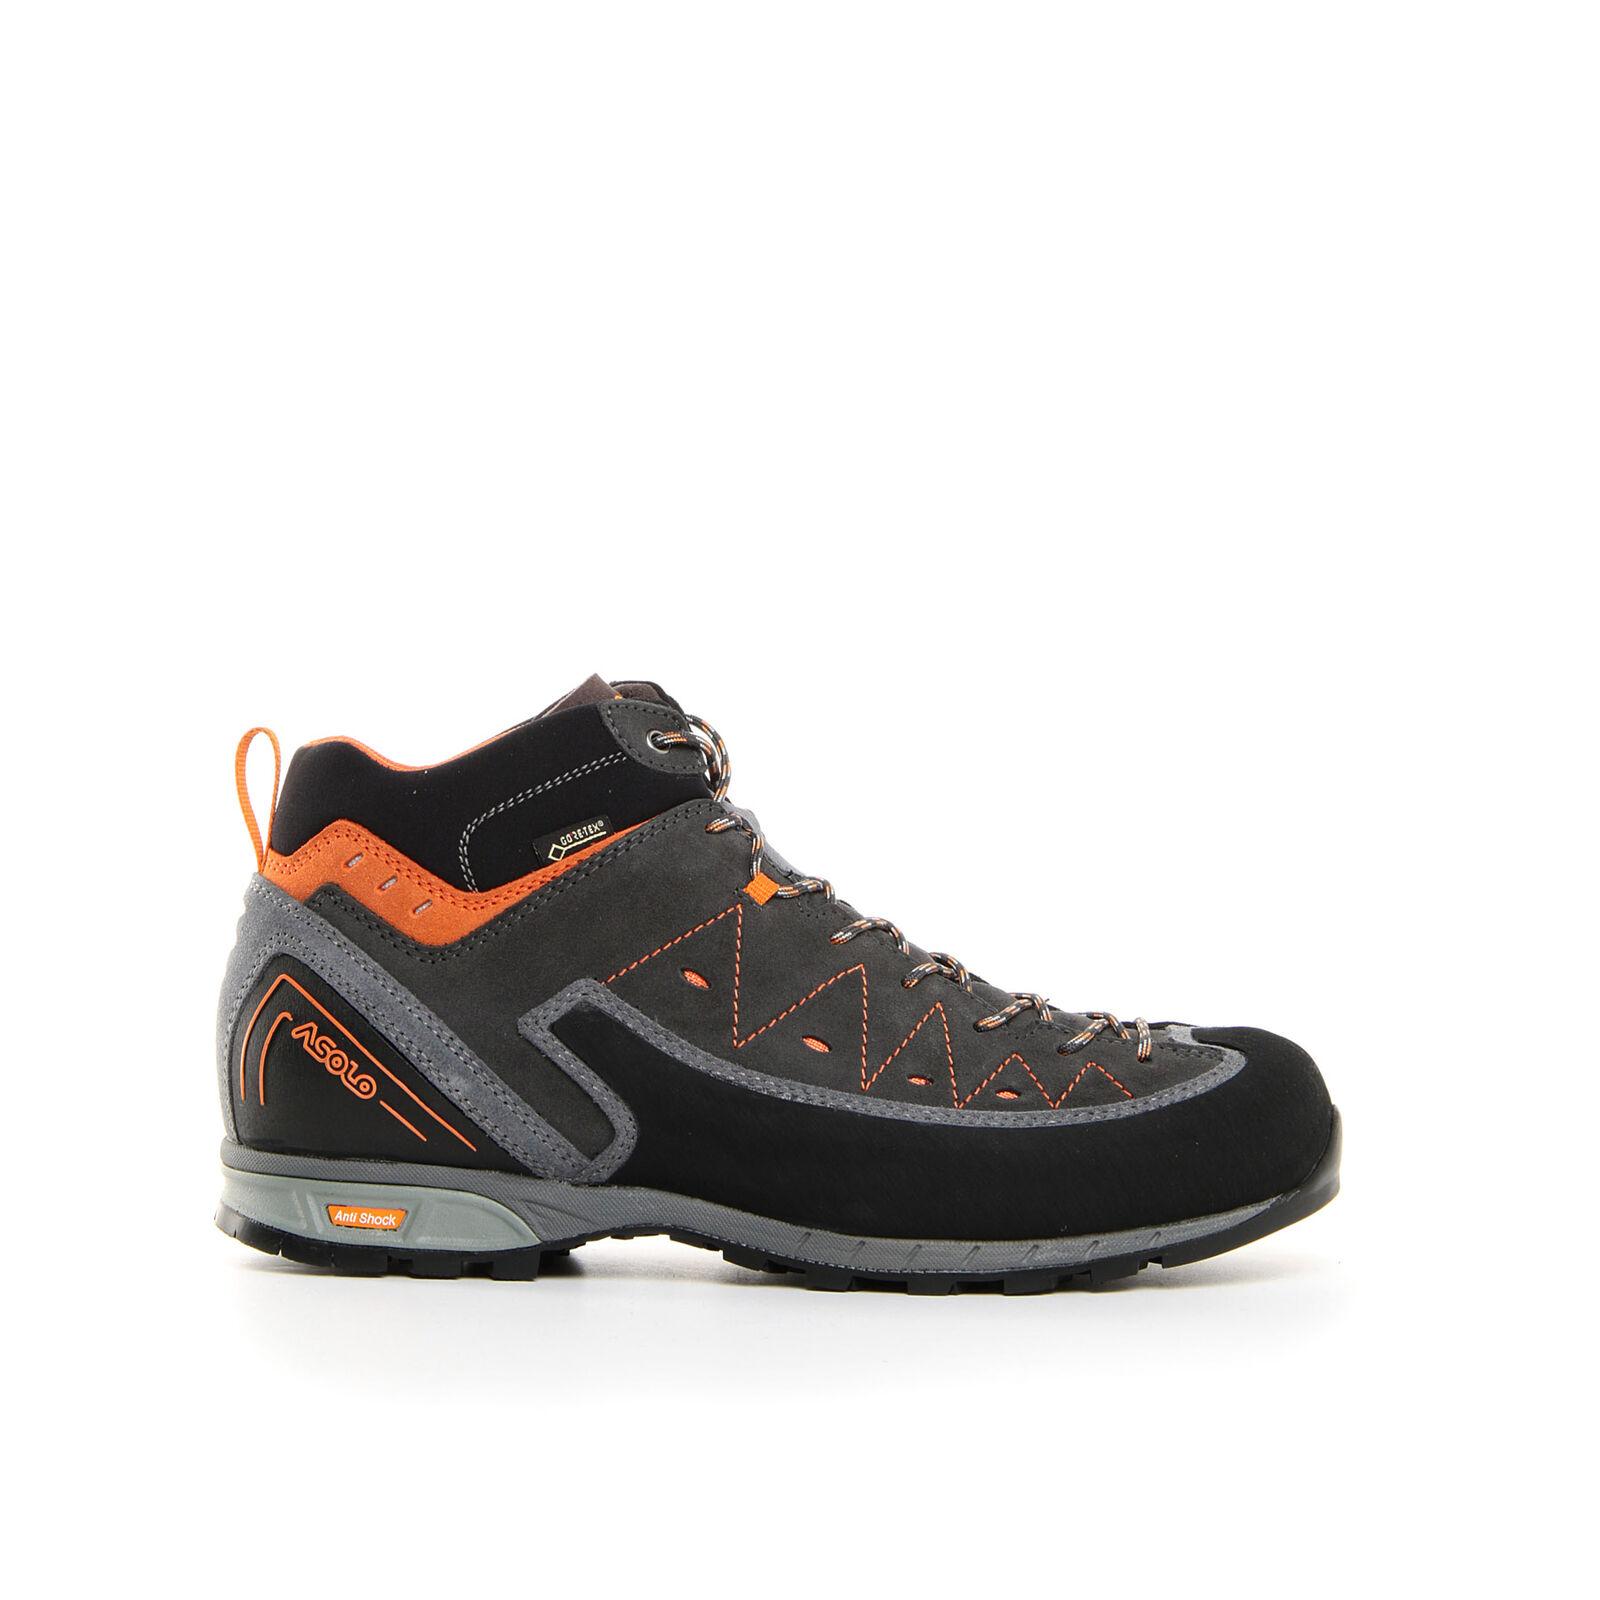 ASOLO MAGNUM zapatos TREKKING hombres A12030 A610